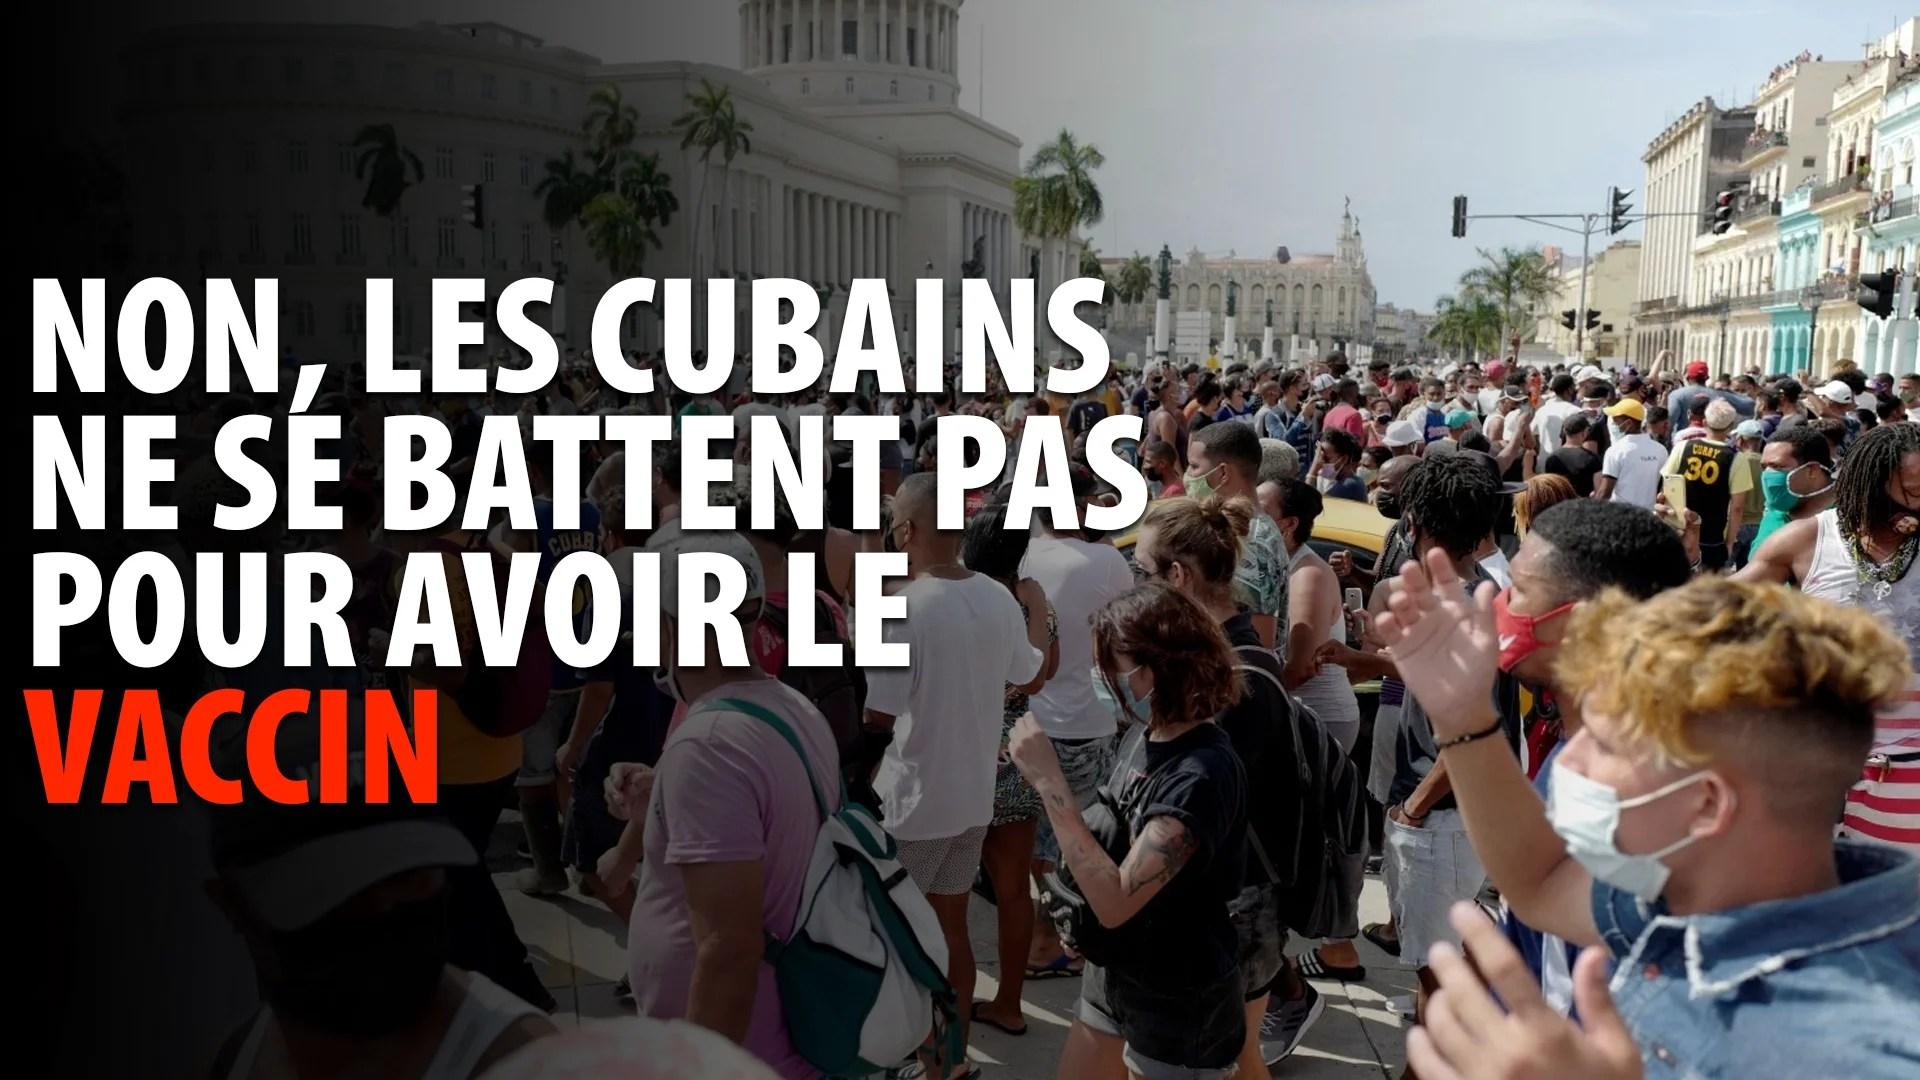 NON, LES CUBAINS NE SE BATTENT PAS POUR AVOIR LE VACCIN